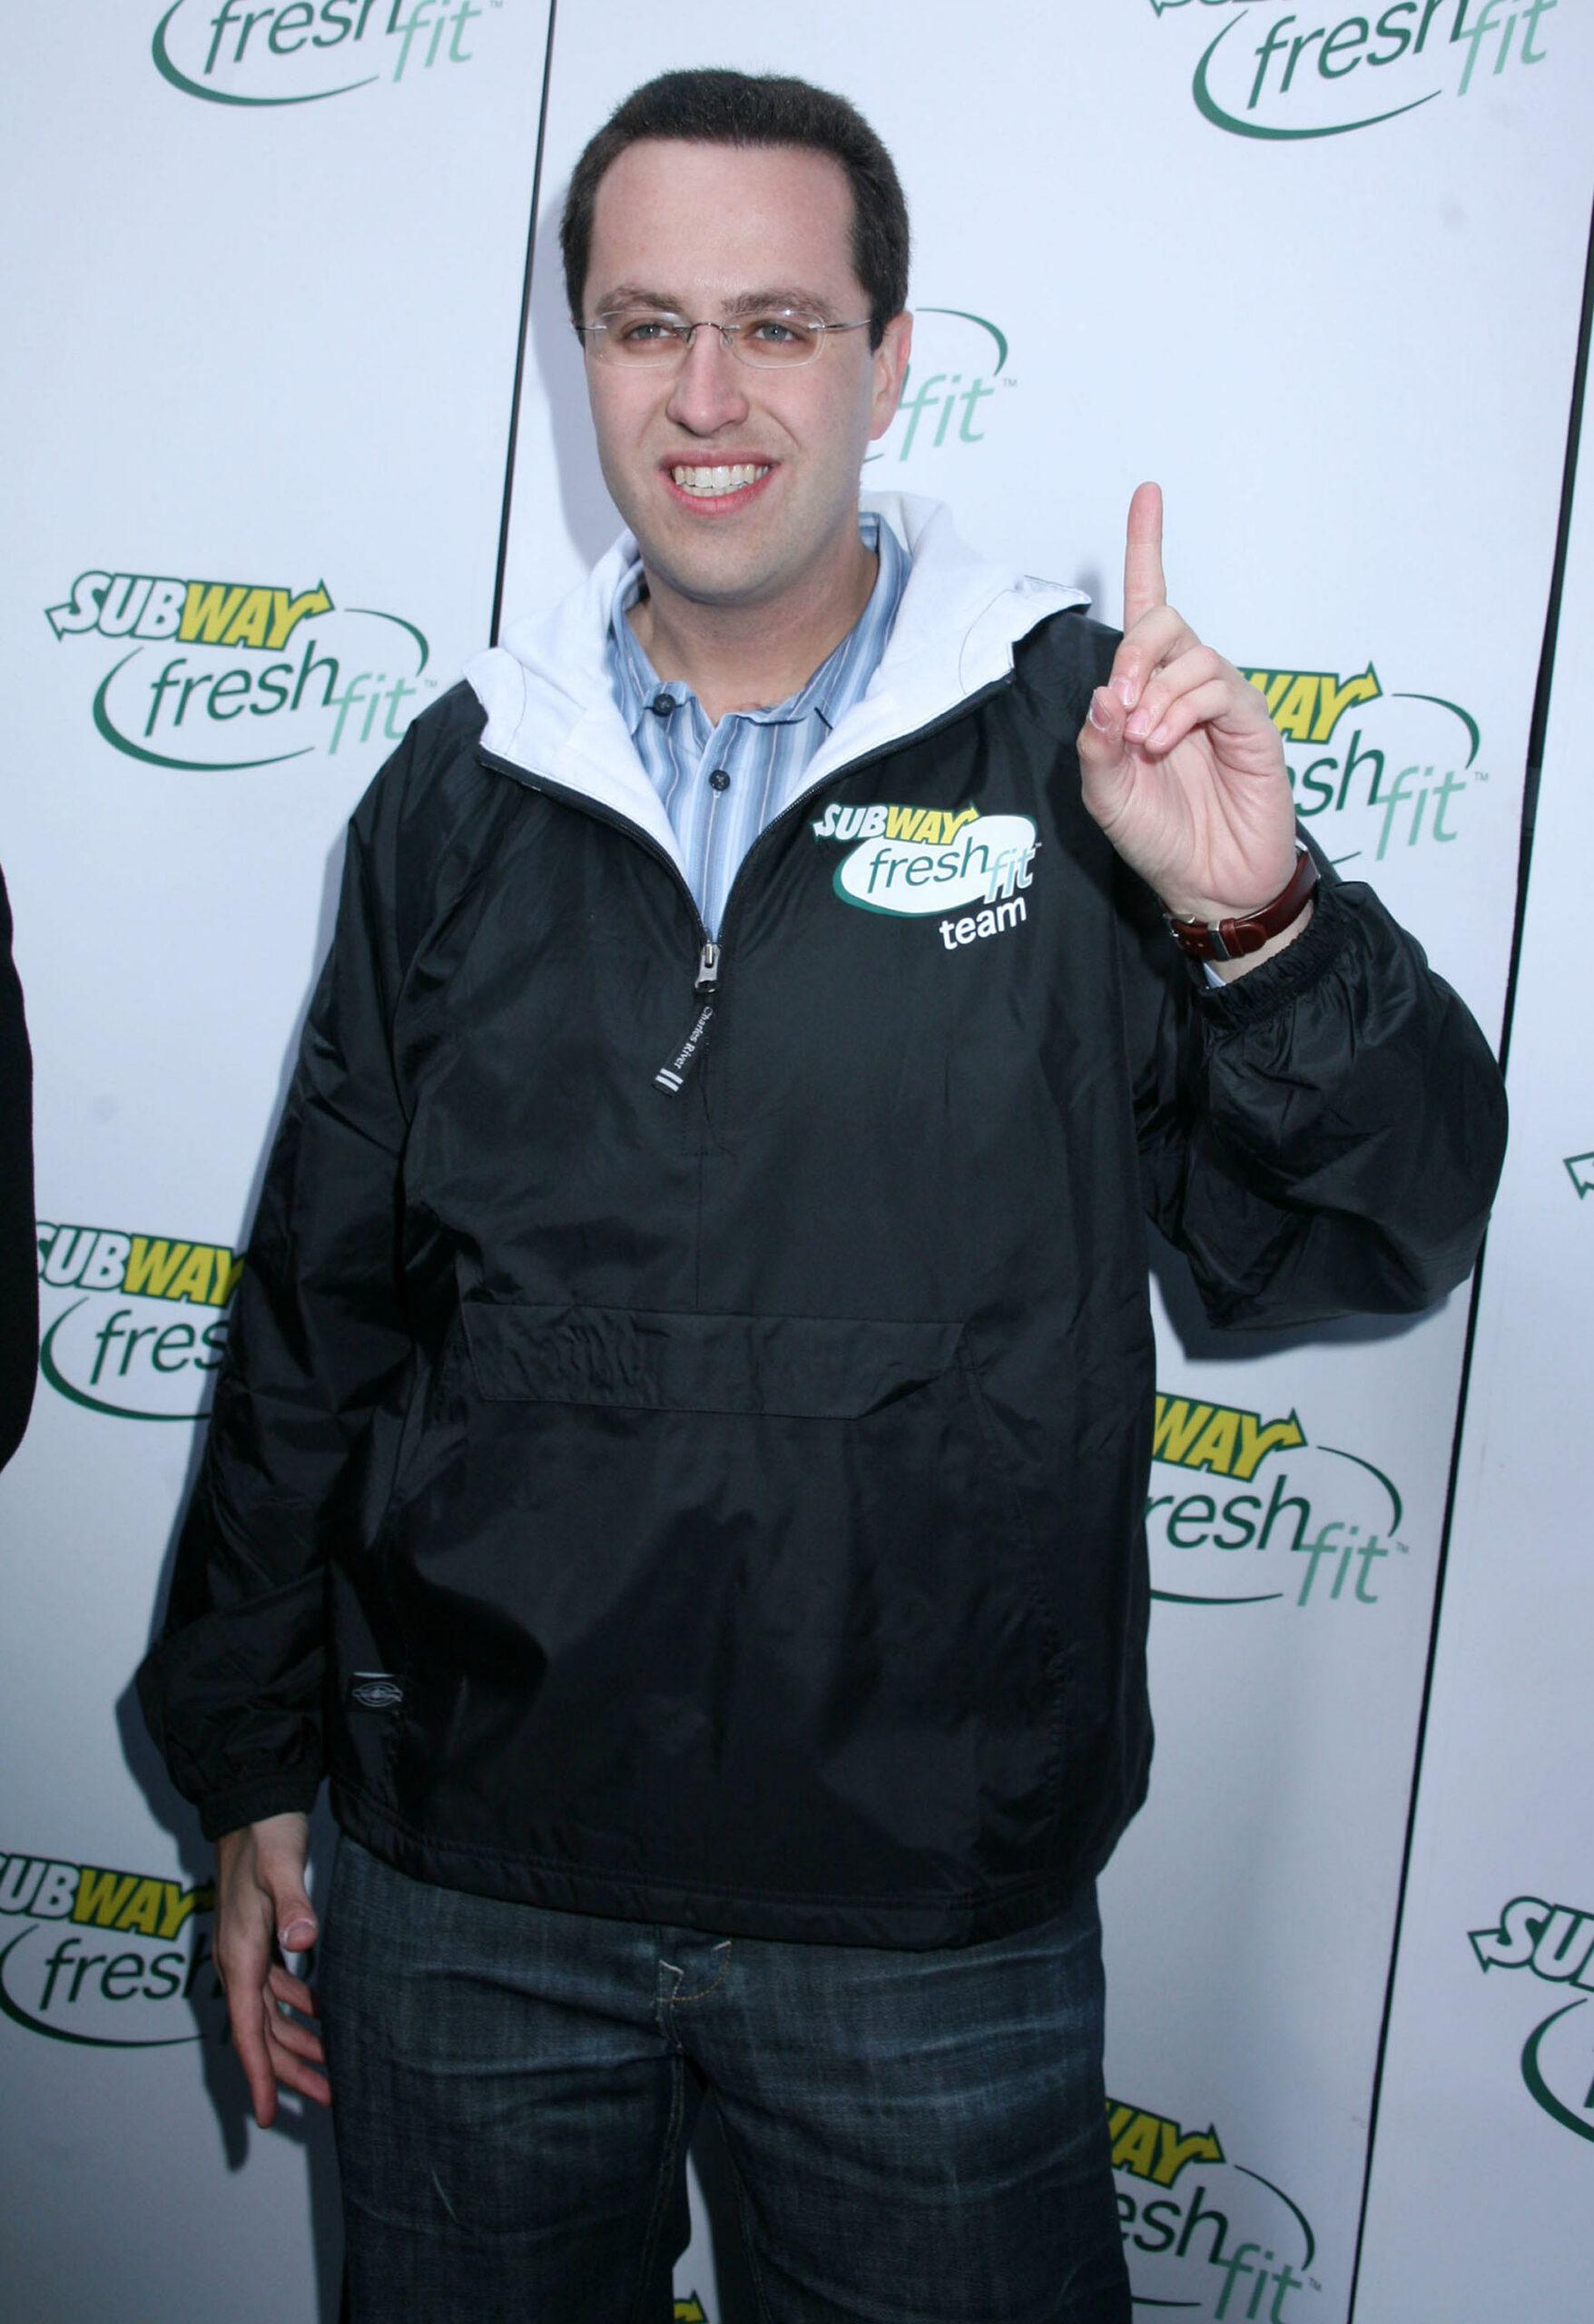 Jared Fogle fast food scandals